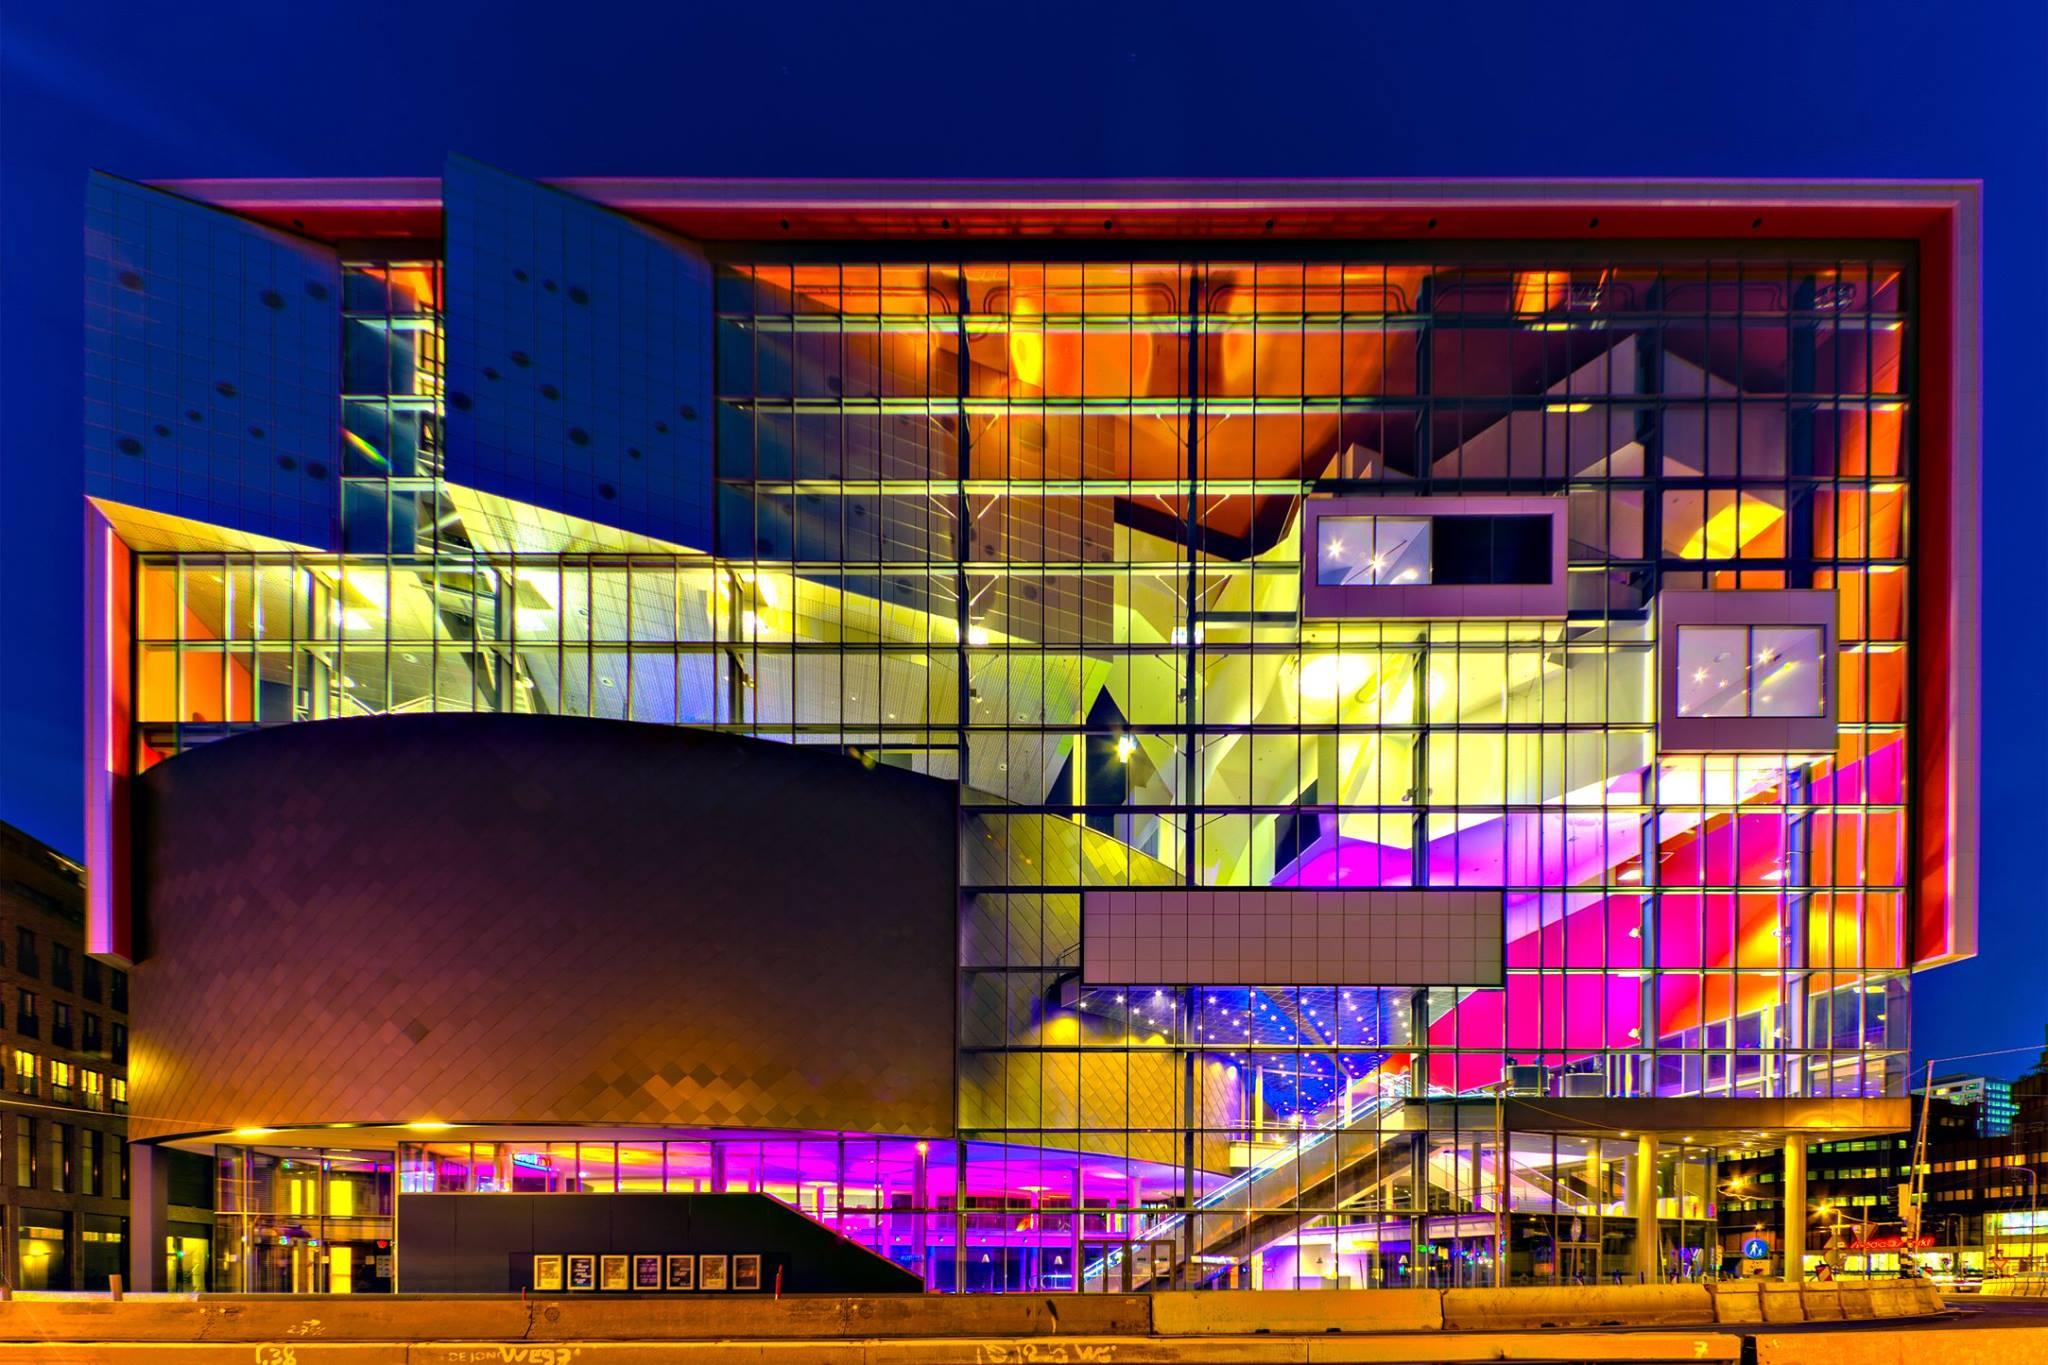 Muziekpaleis TivoliVredenburg